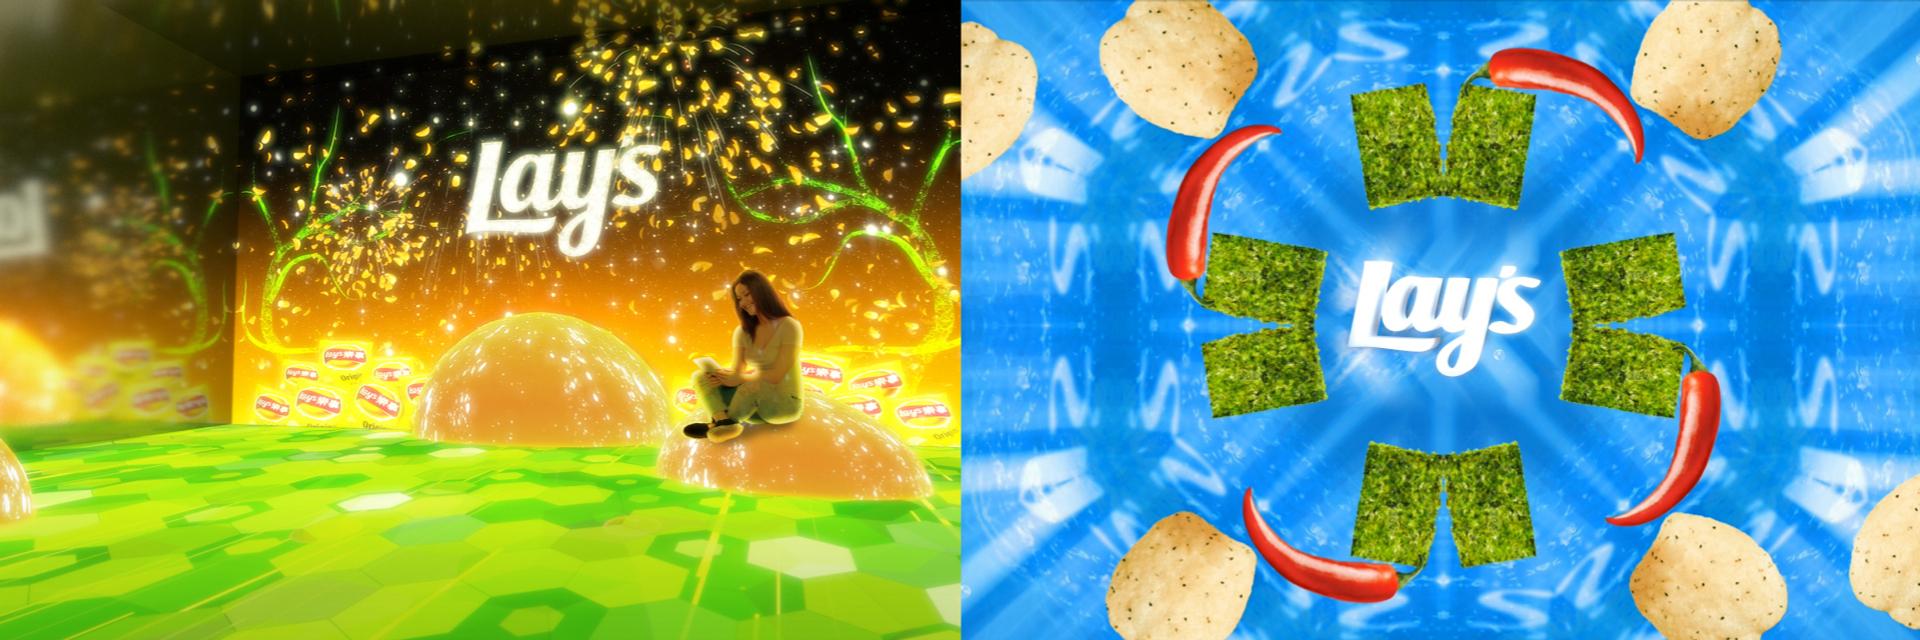 手機容量準備好!《樂事風味光影展》 10天限定登場,「超美光影投射 X 超好吃樂事餅乾」給你美味新體驗!